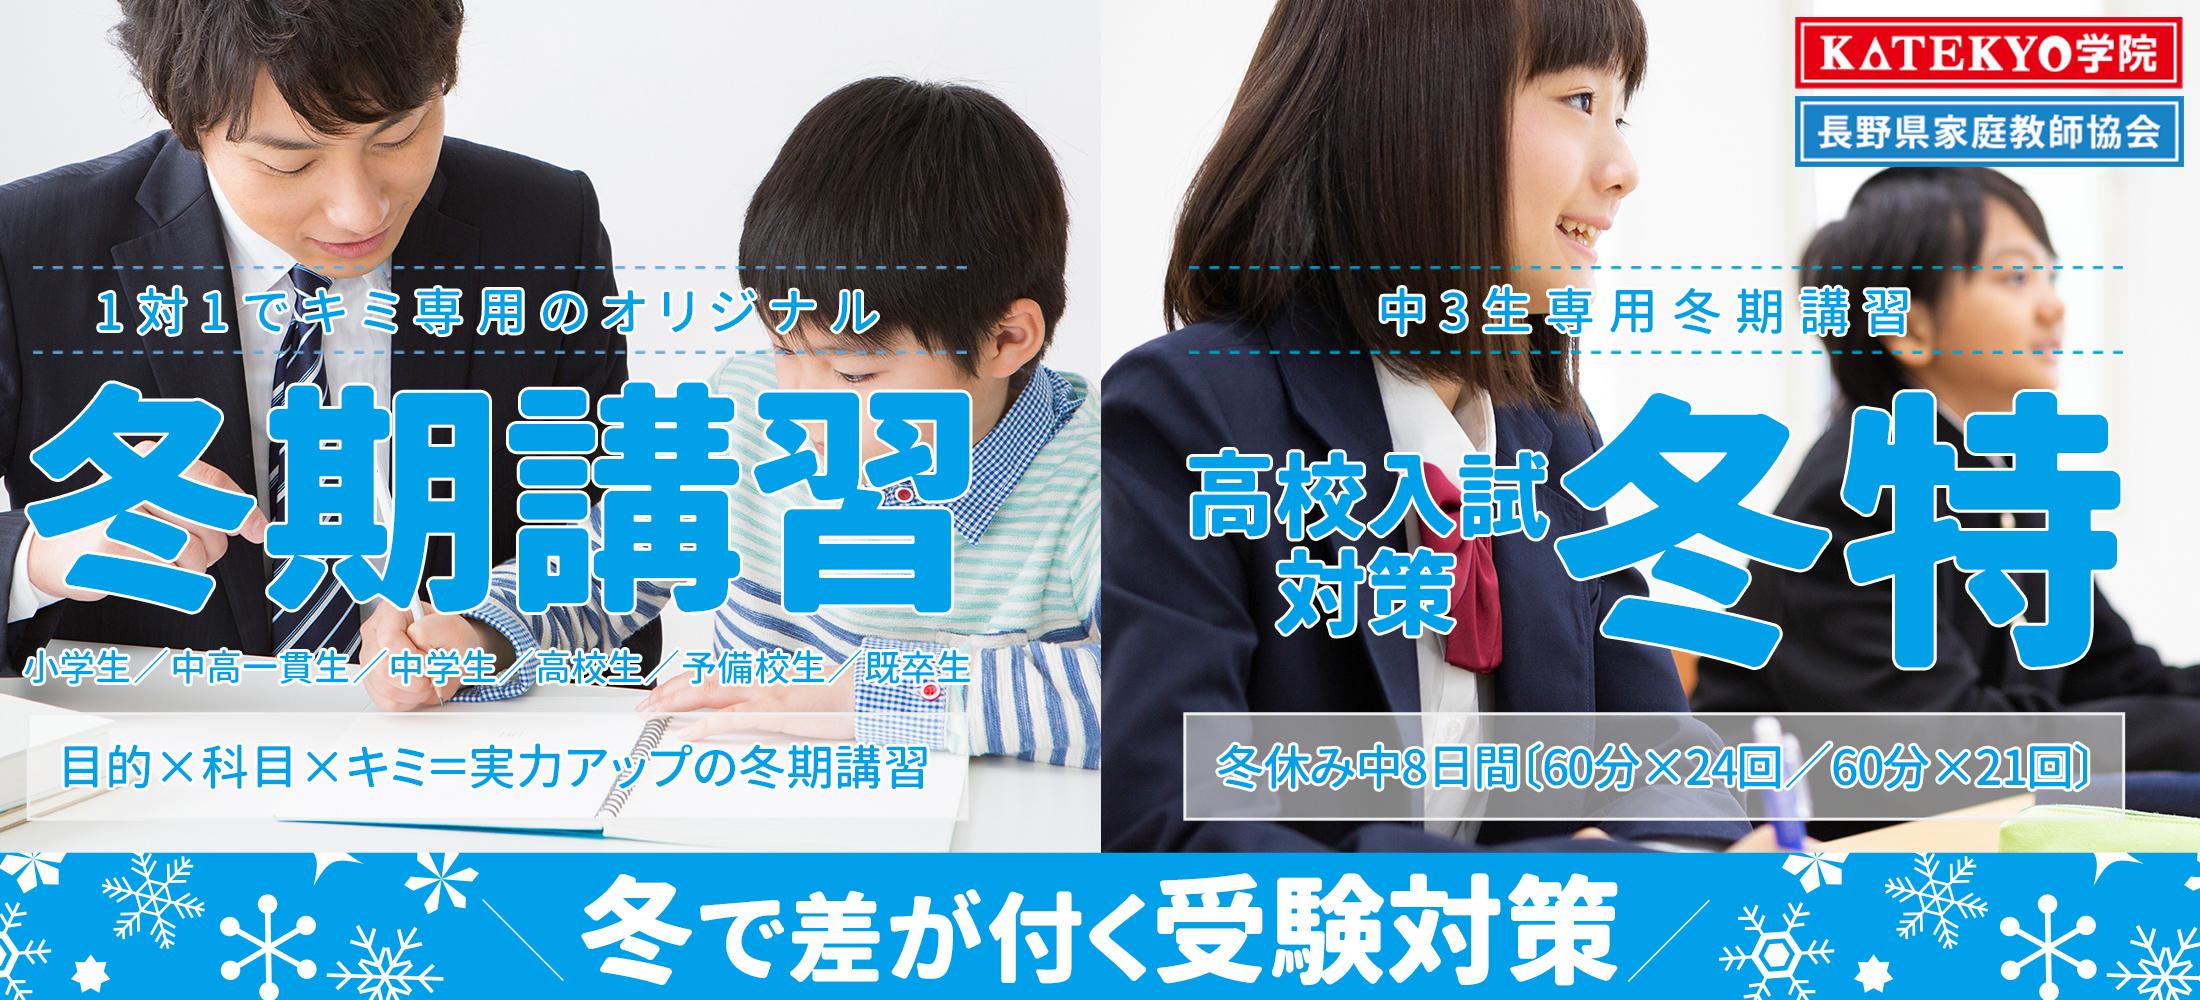 KATEKYOの冬期講習